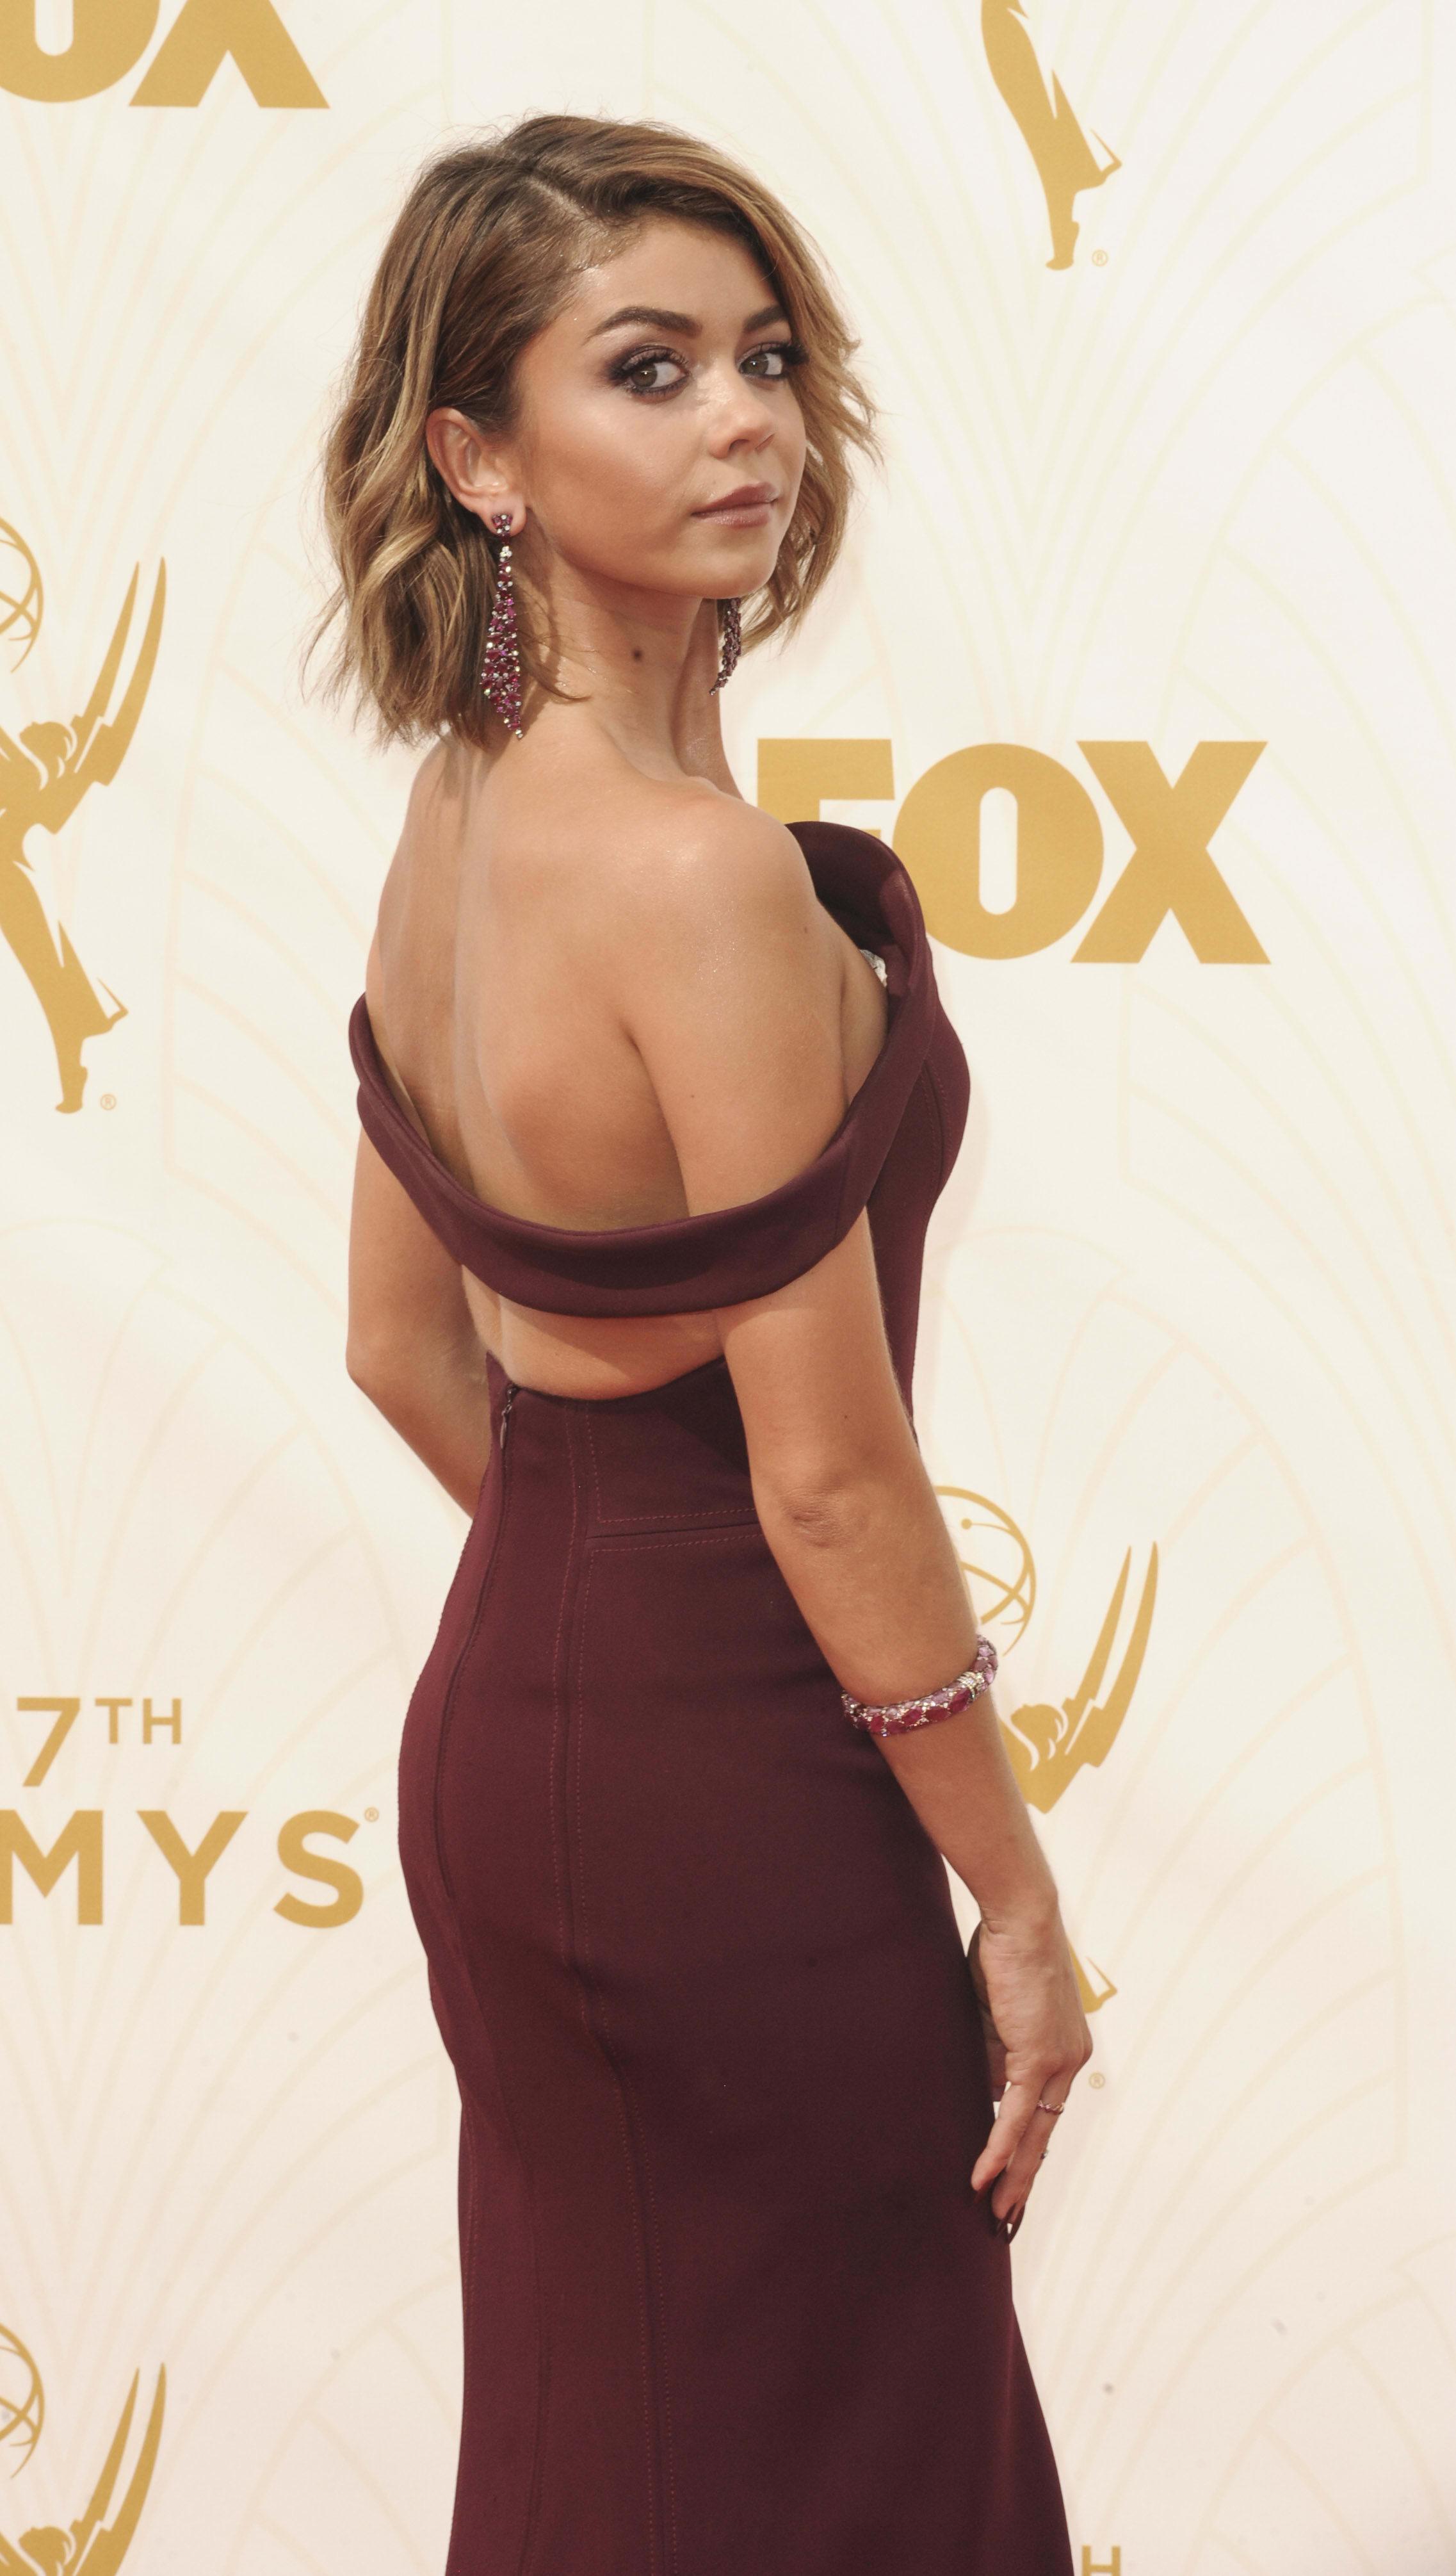 Sarah hyland nuda porno, mystique models nude